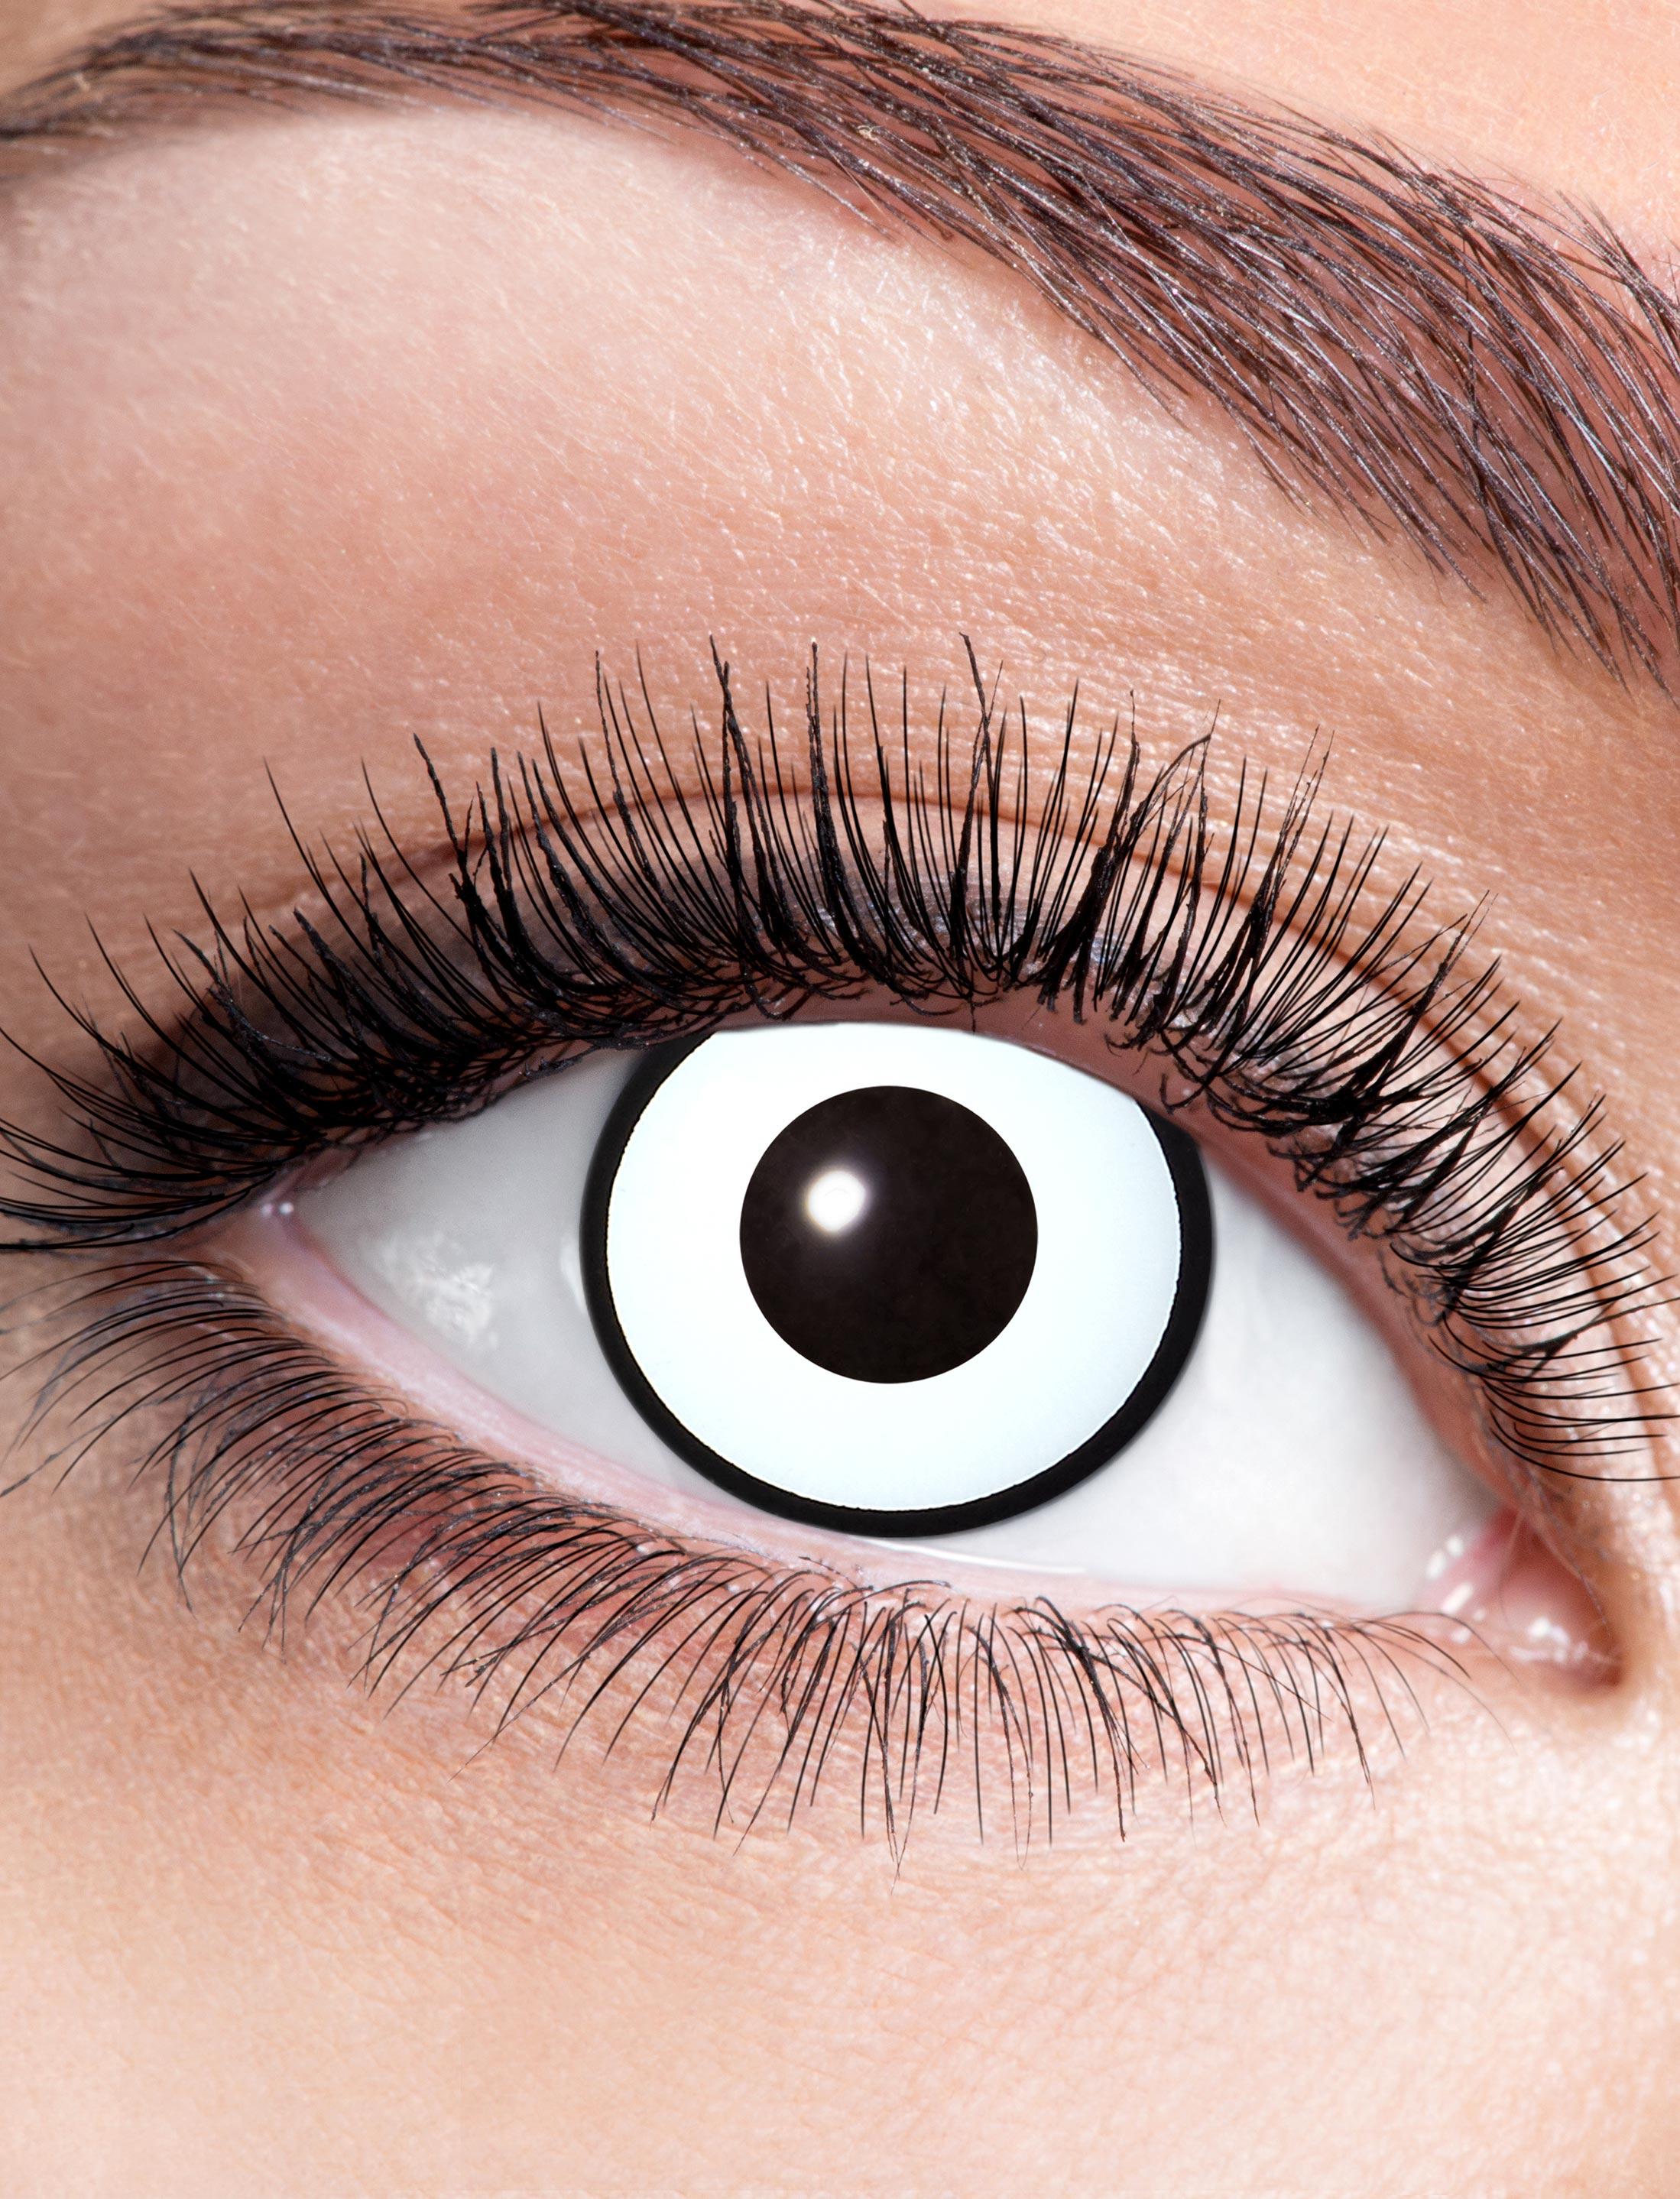 Kostuemzubehor Kontaktlinsen White Manson Farbe: weiss